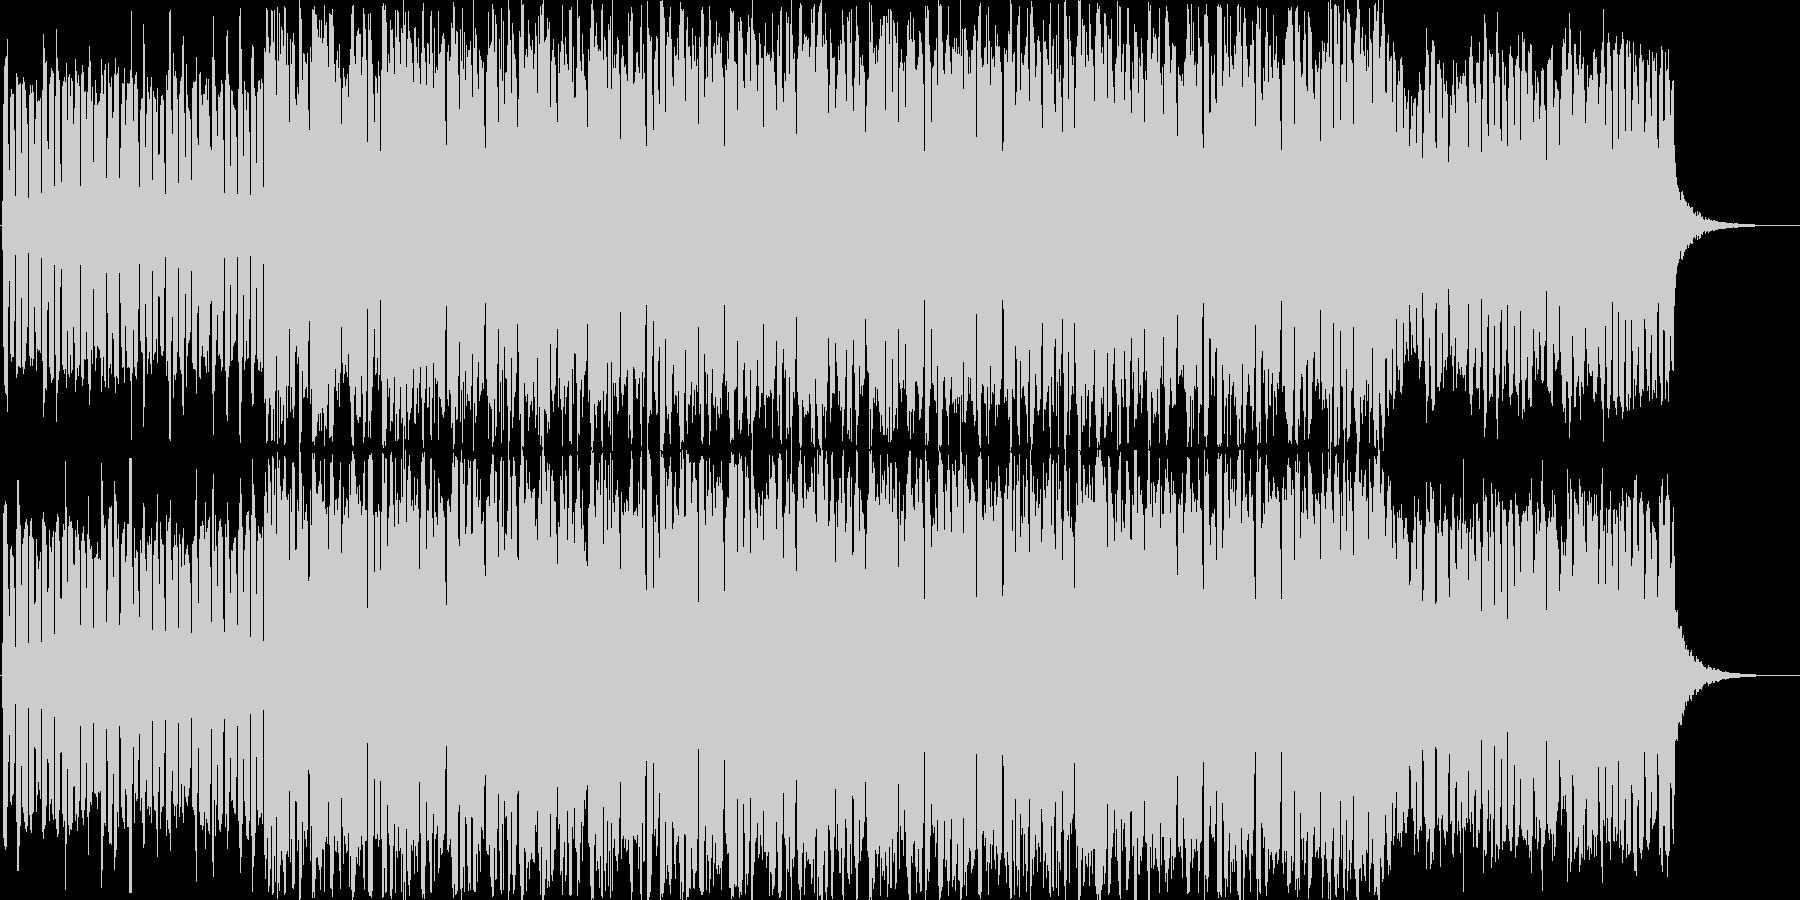 コーラスが独特な世界観のダークな楽曲の未再生の波形